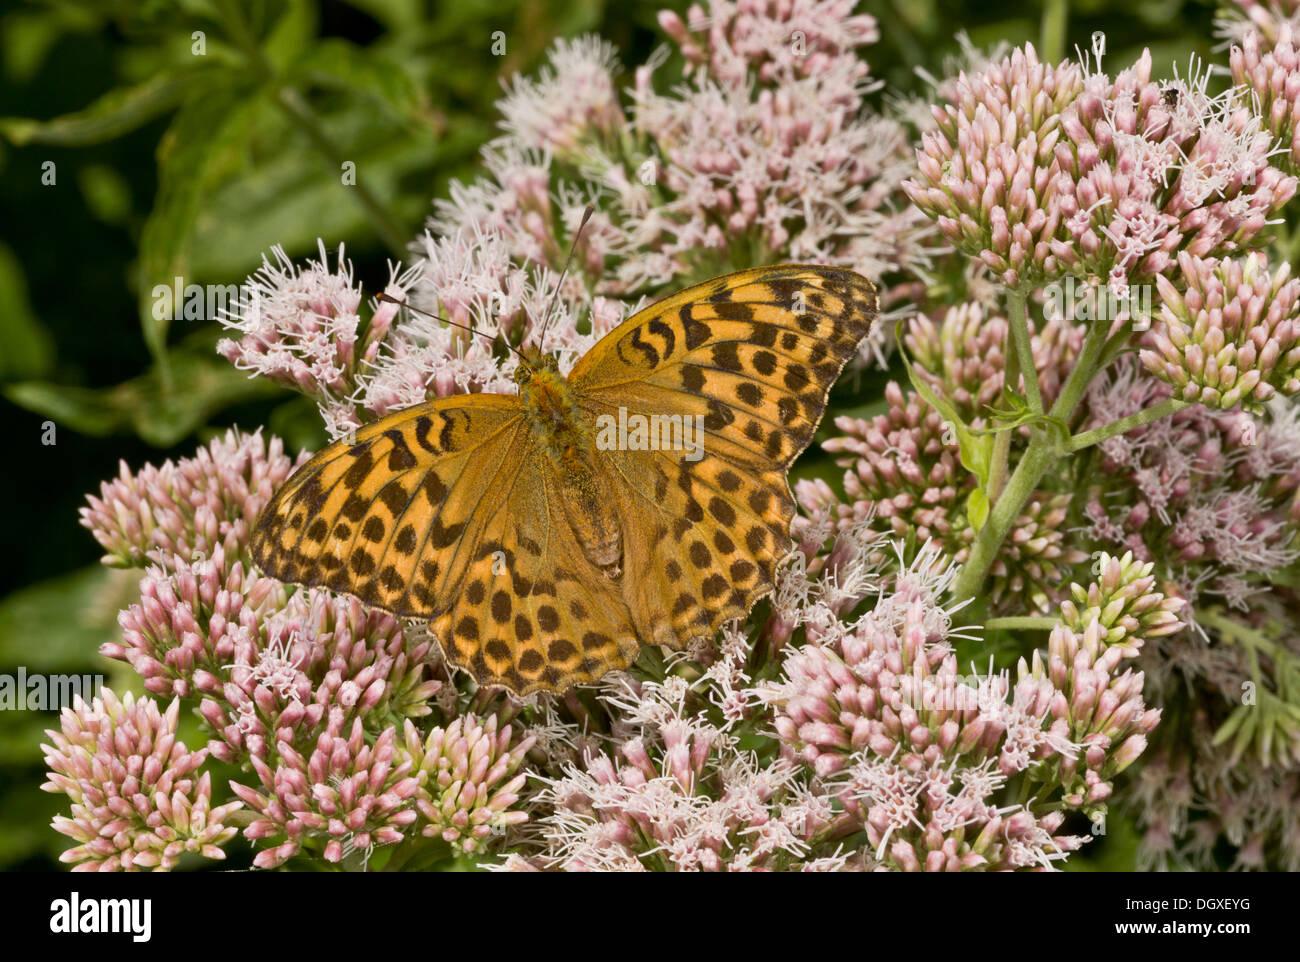 Female Silver-washed fritillary butterfly, Argynnis paphia, feeding on Hemp Agrimony, Dorset. - Stock Image